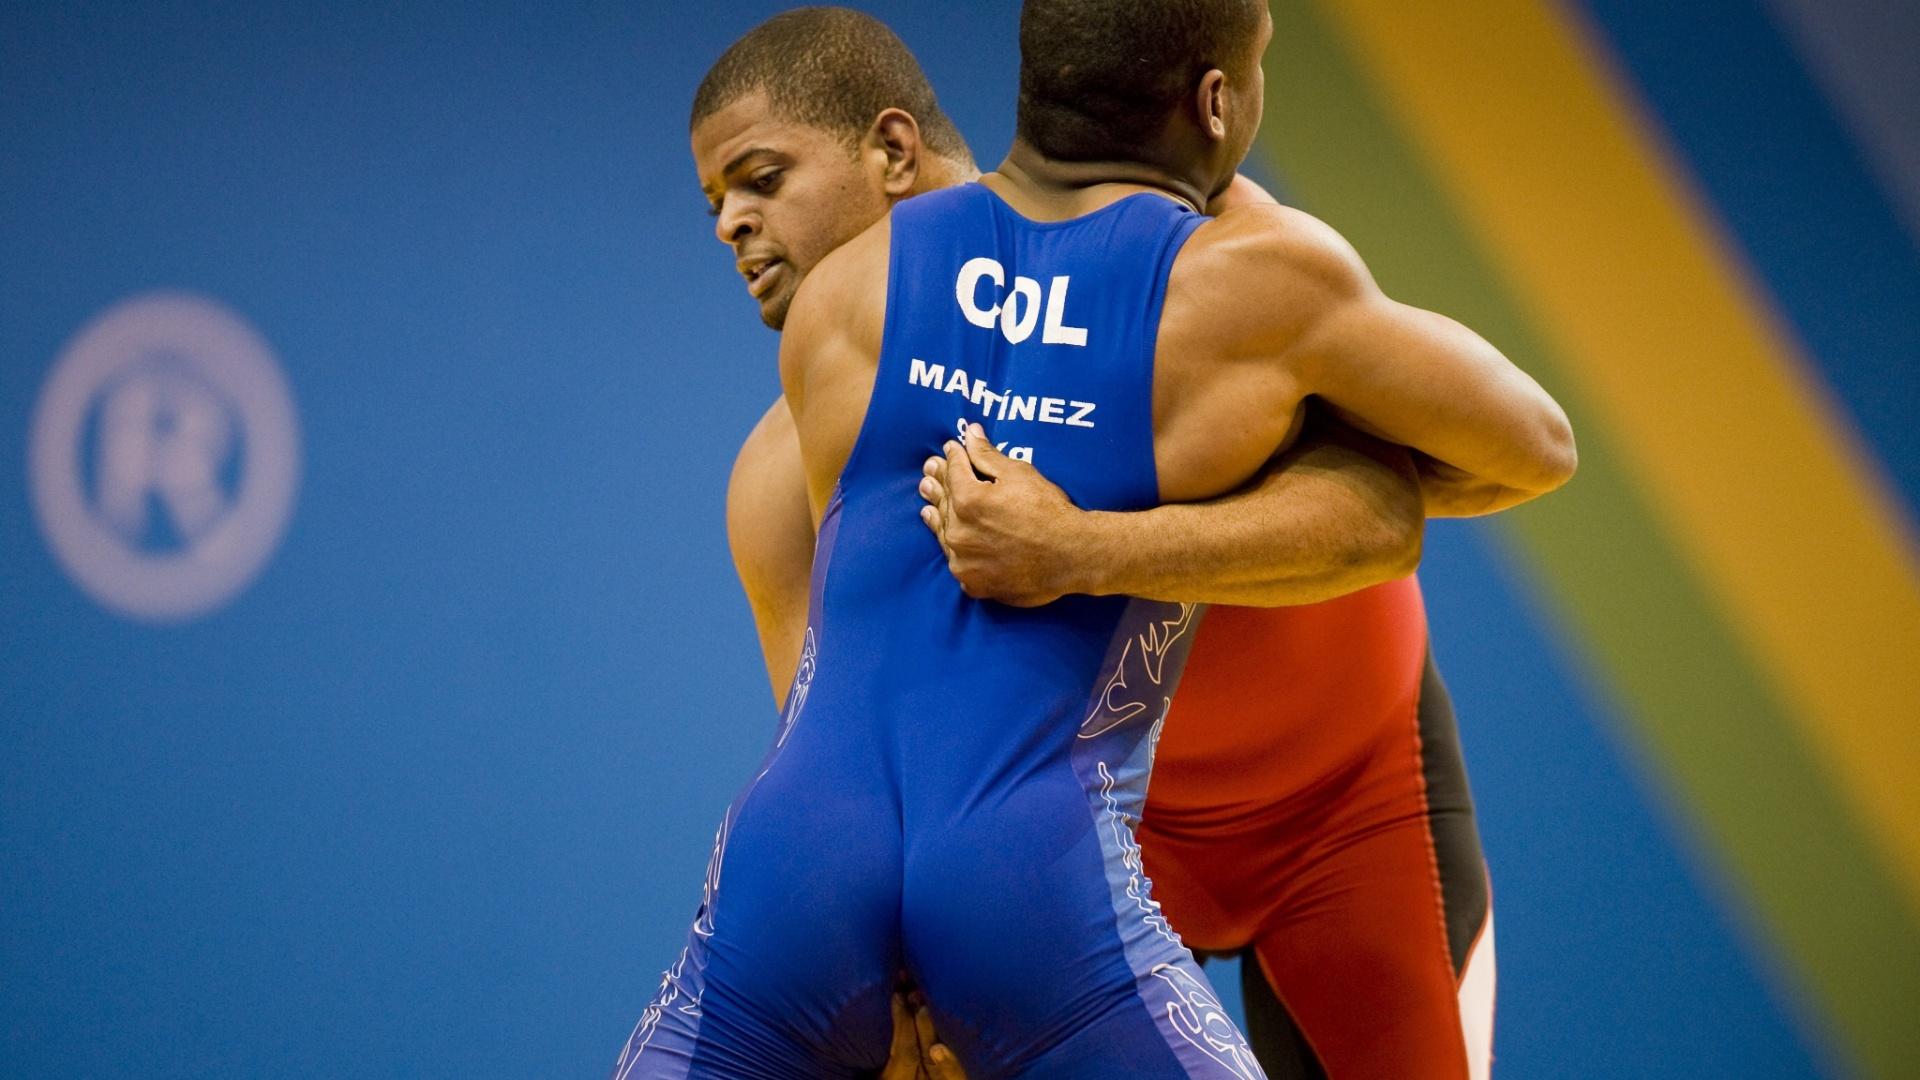 O portorriquenho Marcos Santos (de vermelho) tenta encaixar um golpe no colombiano Juan Martinez na luta olímpica do Pan de Guadalajara (24/10/2011)